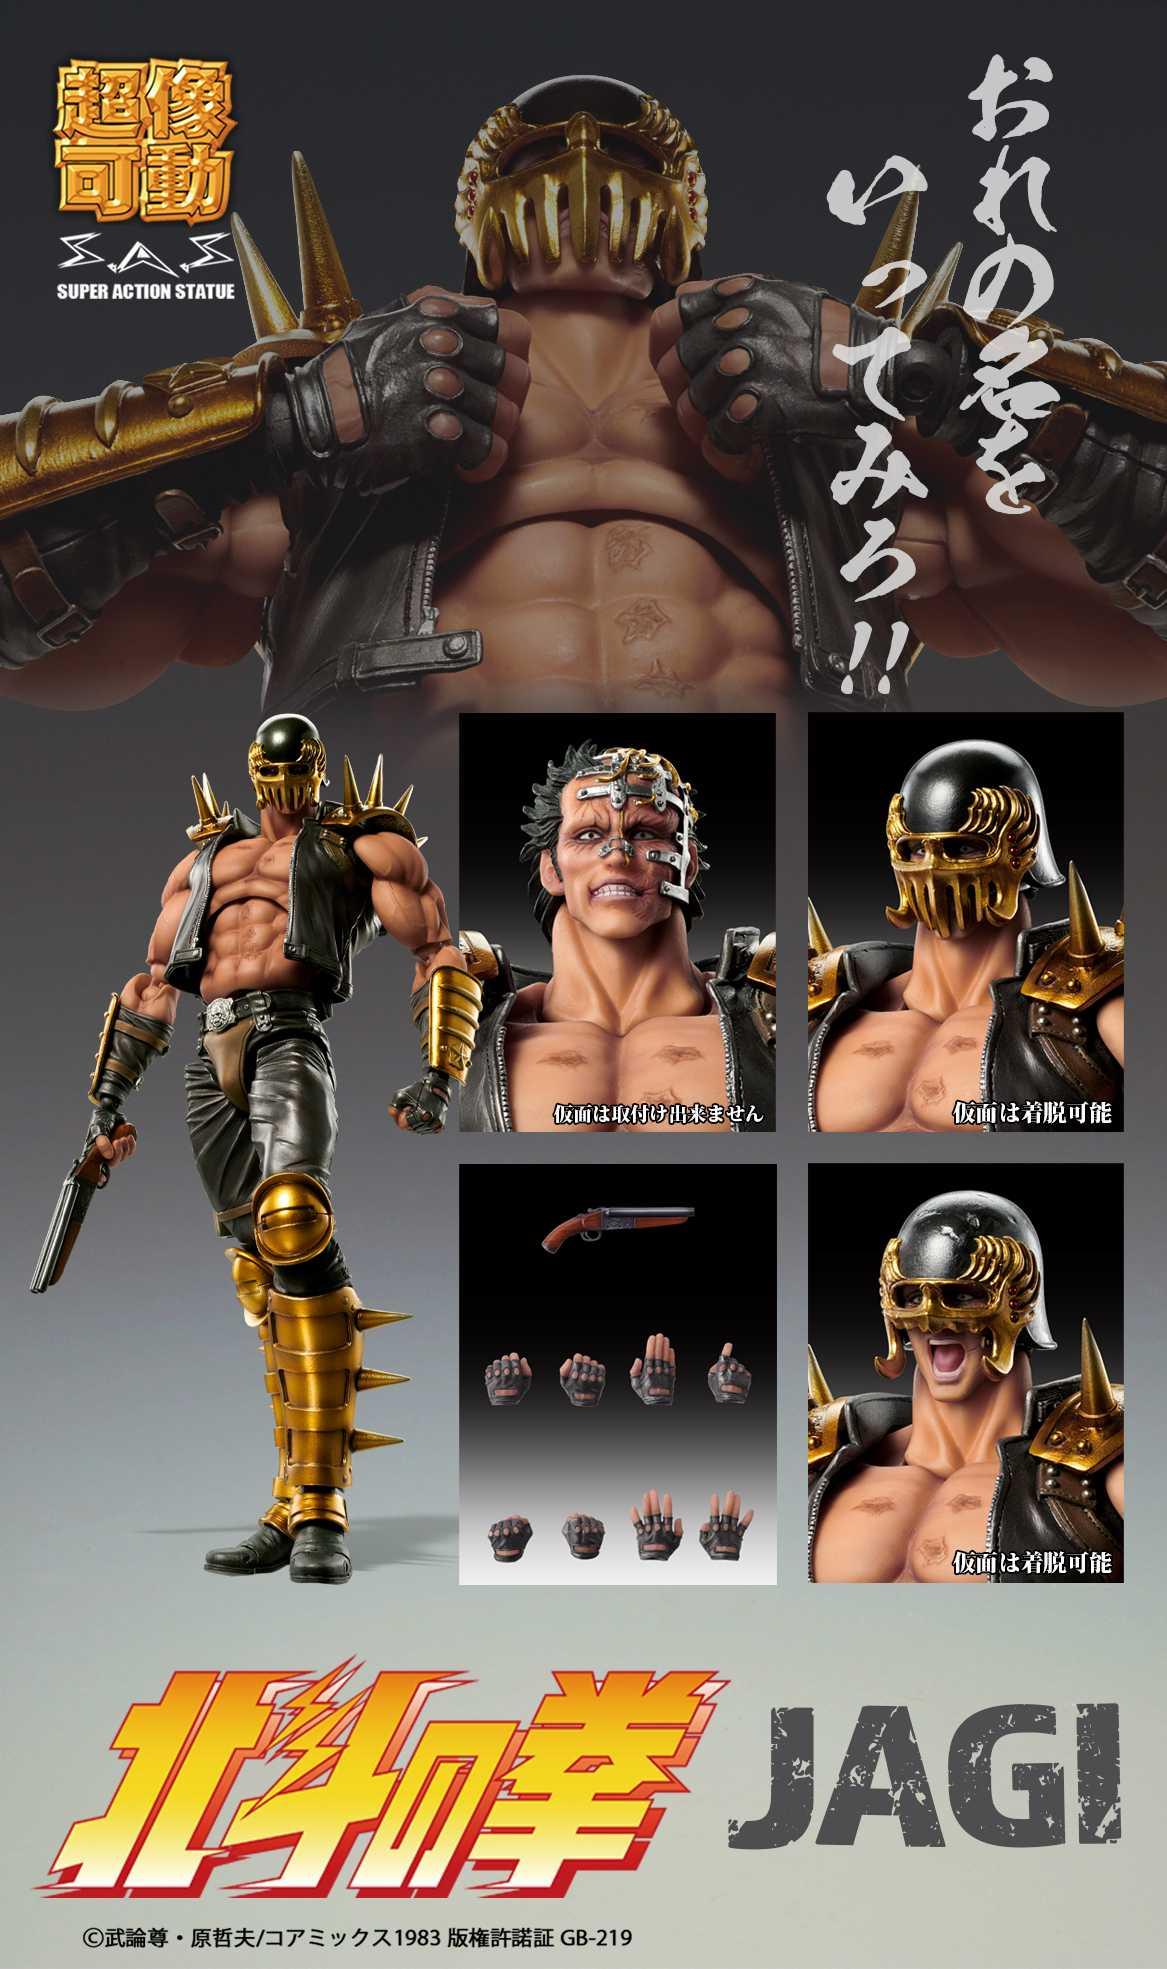 Medicos Entertainment: Announces Jagi Super Action Statue from Hokuto No Ken